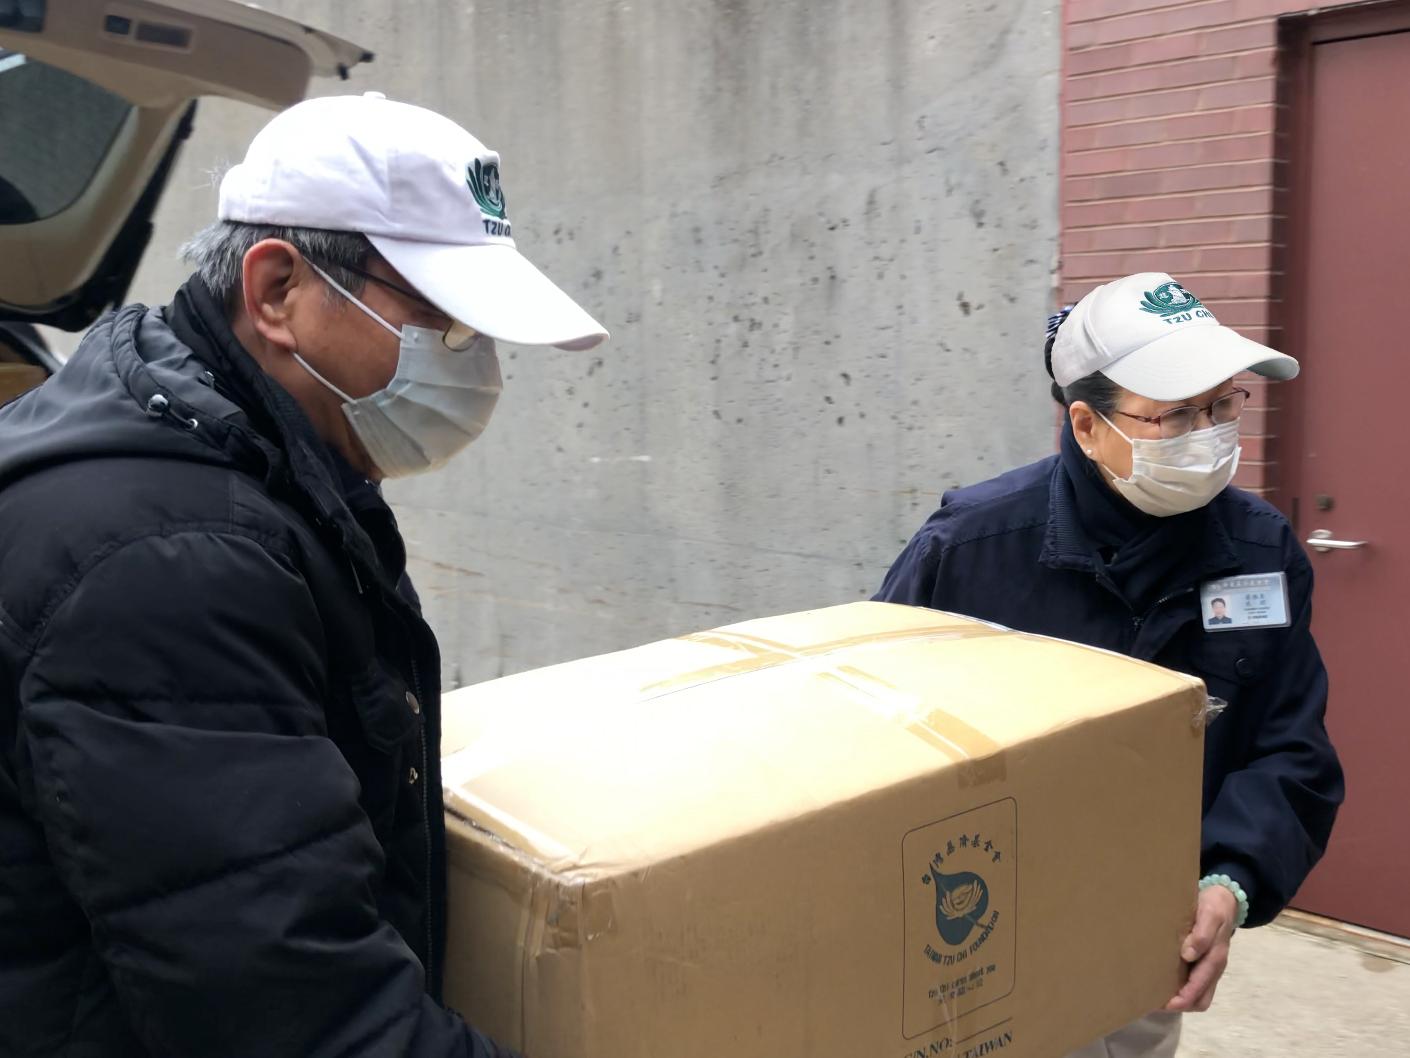 Suministros esenciales como toallas, jabones, cepillos y pastas de dientes son para las personas desamparadas. [Foto: Yue Ma]